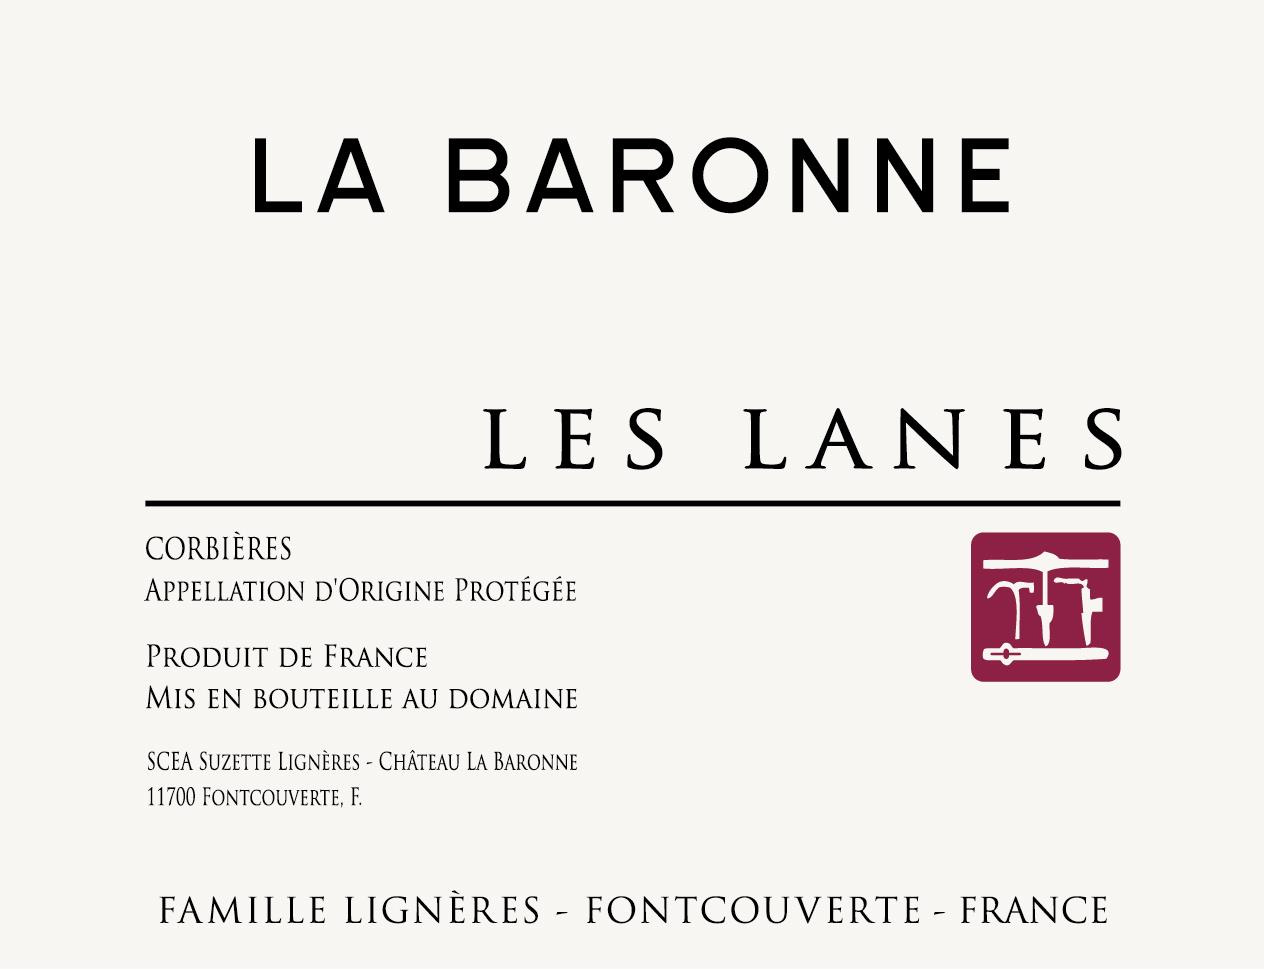 La Baronne, Corbières Les Lanes, 2018